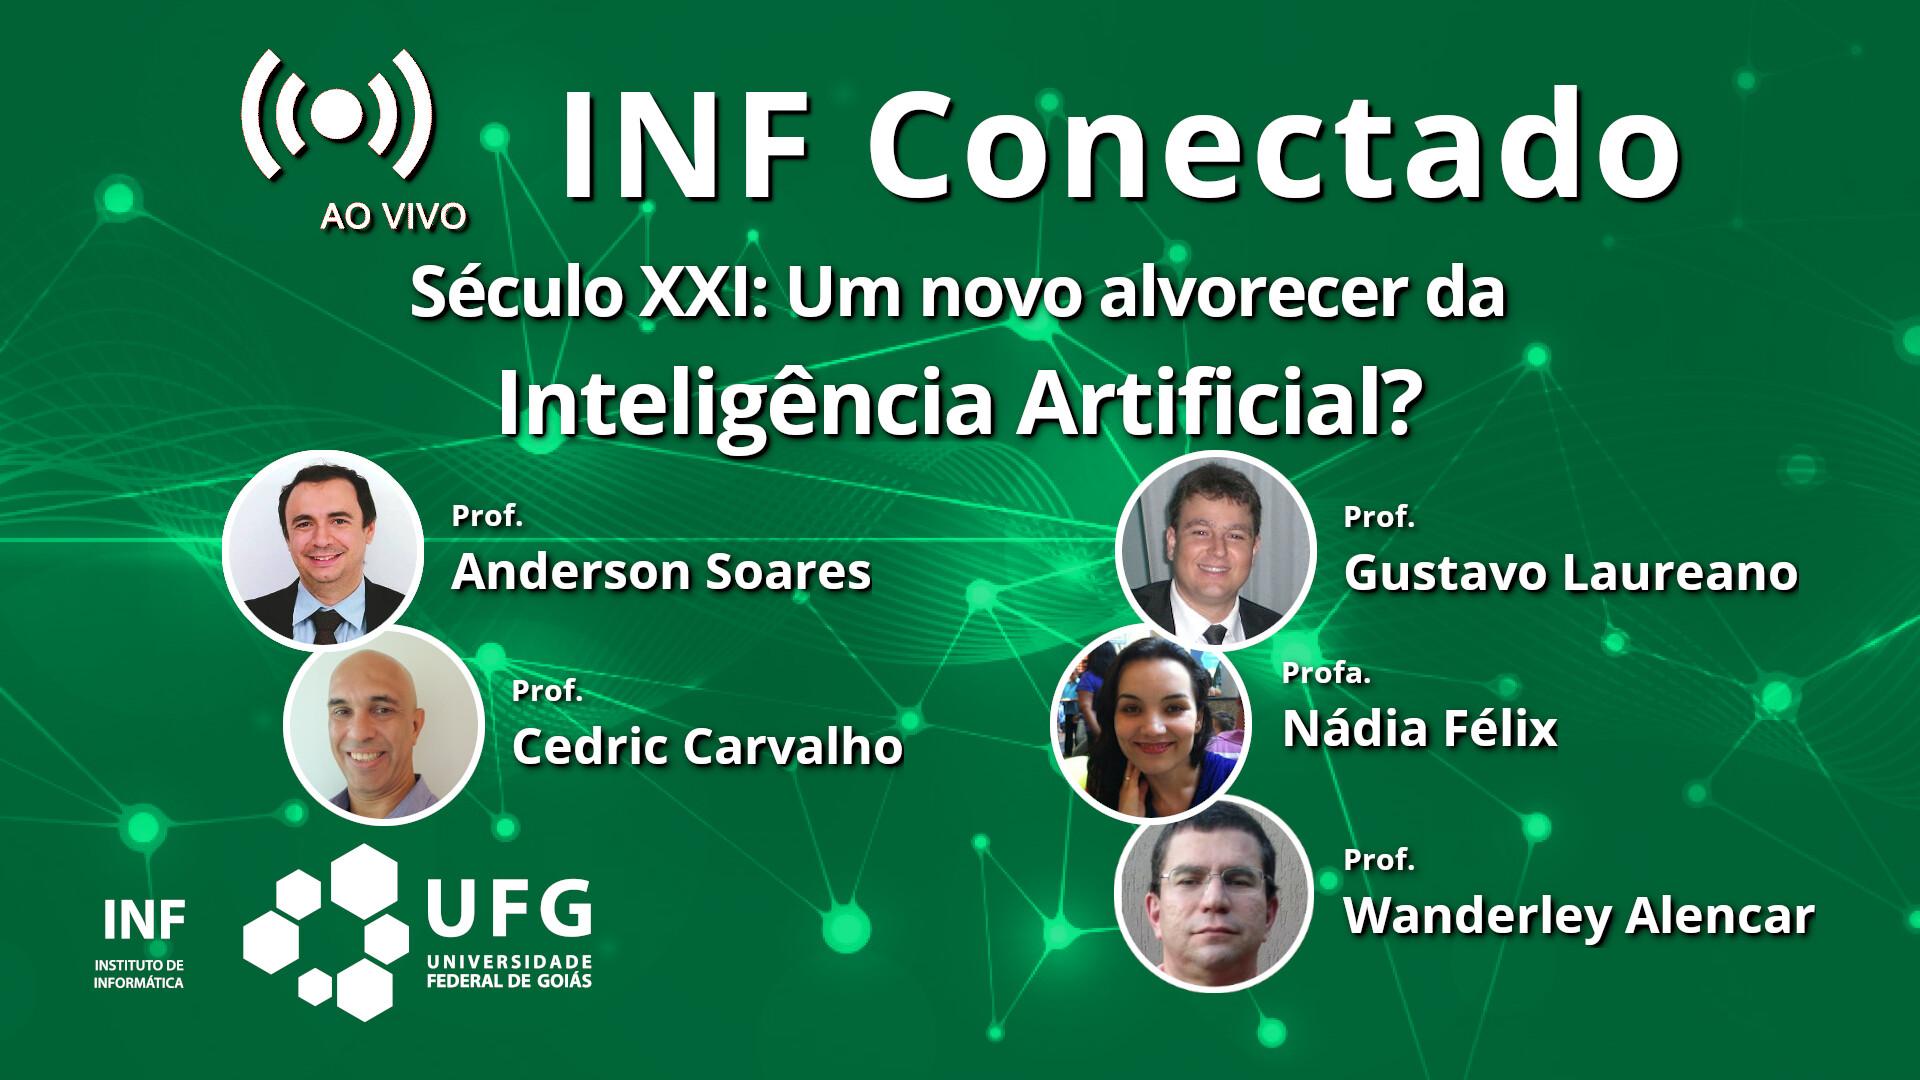 INF Conectado - YouTube - 05